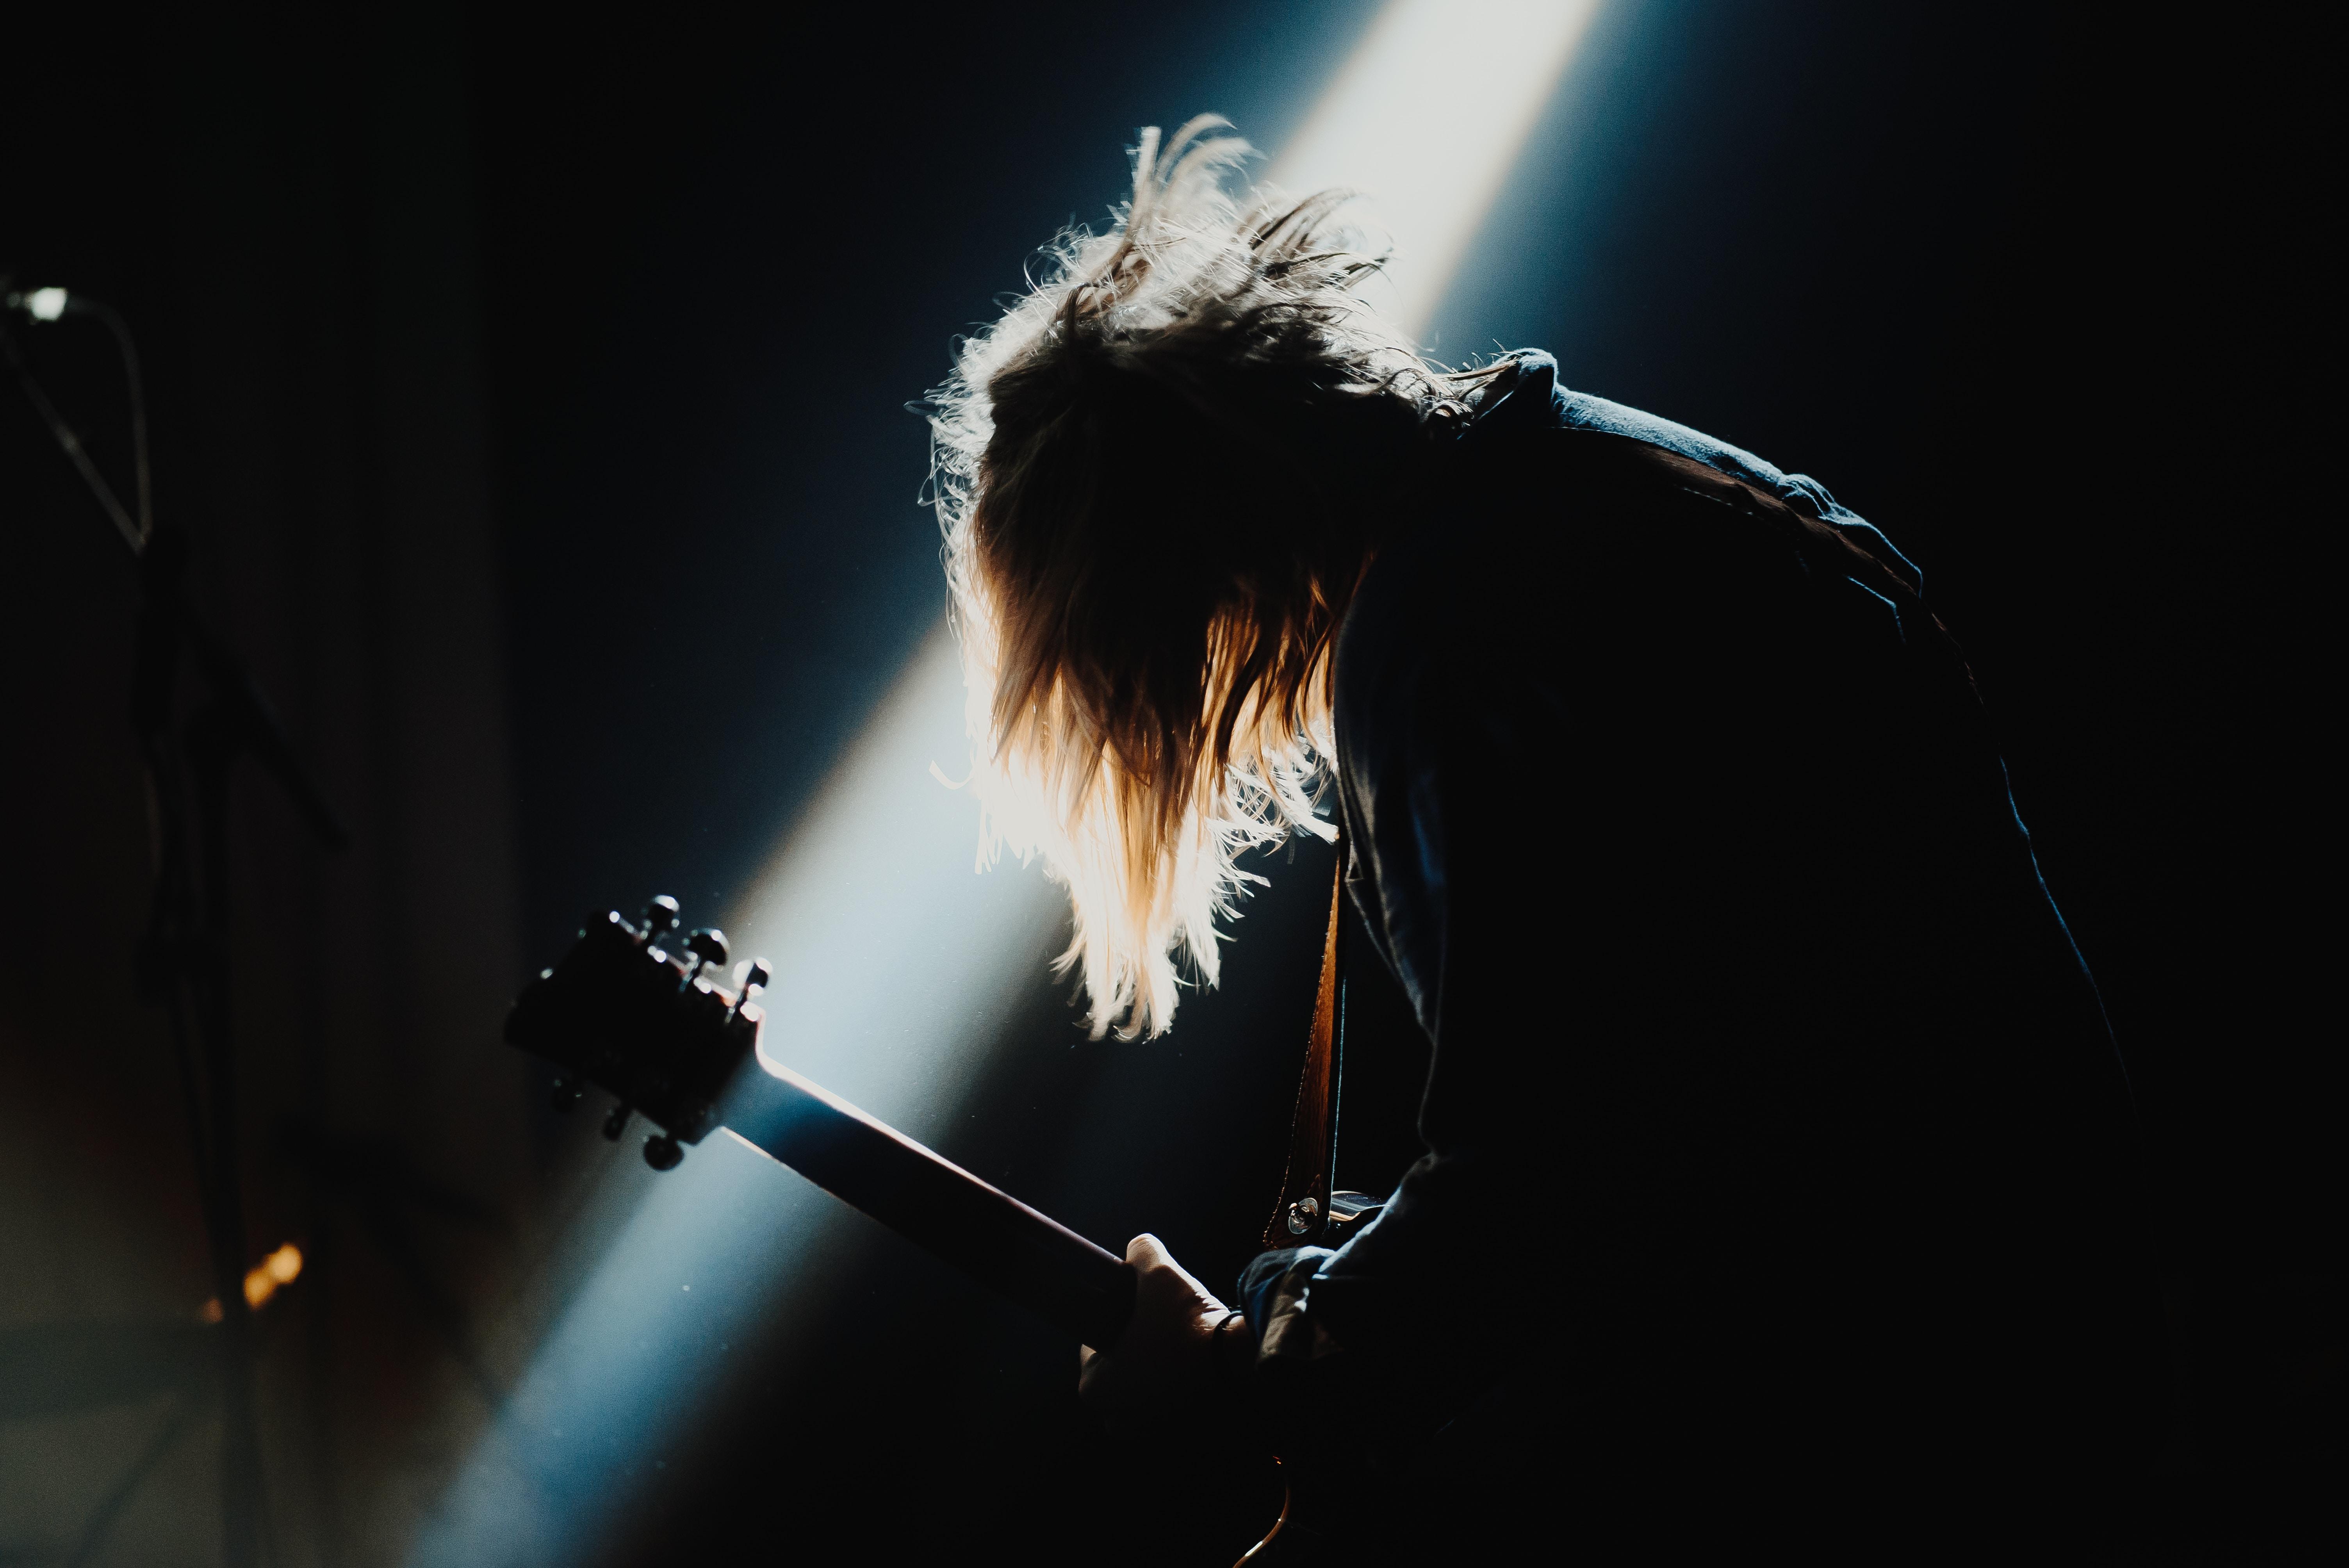 Rock sujeto con guitarra muerte del rock